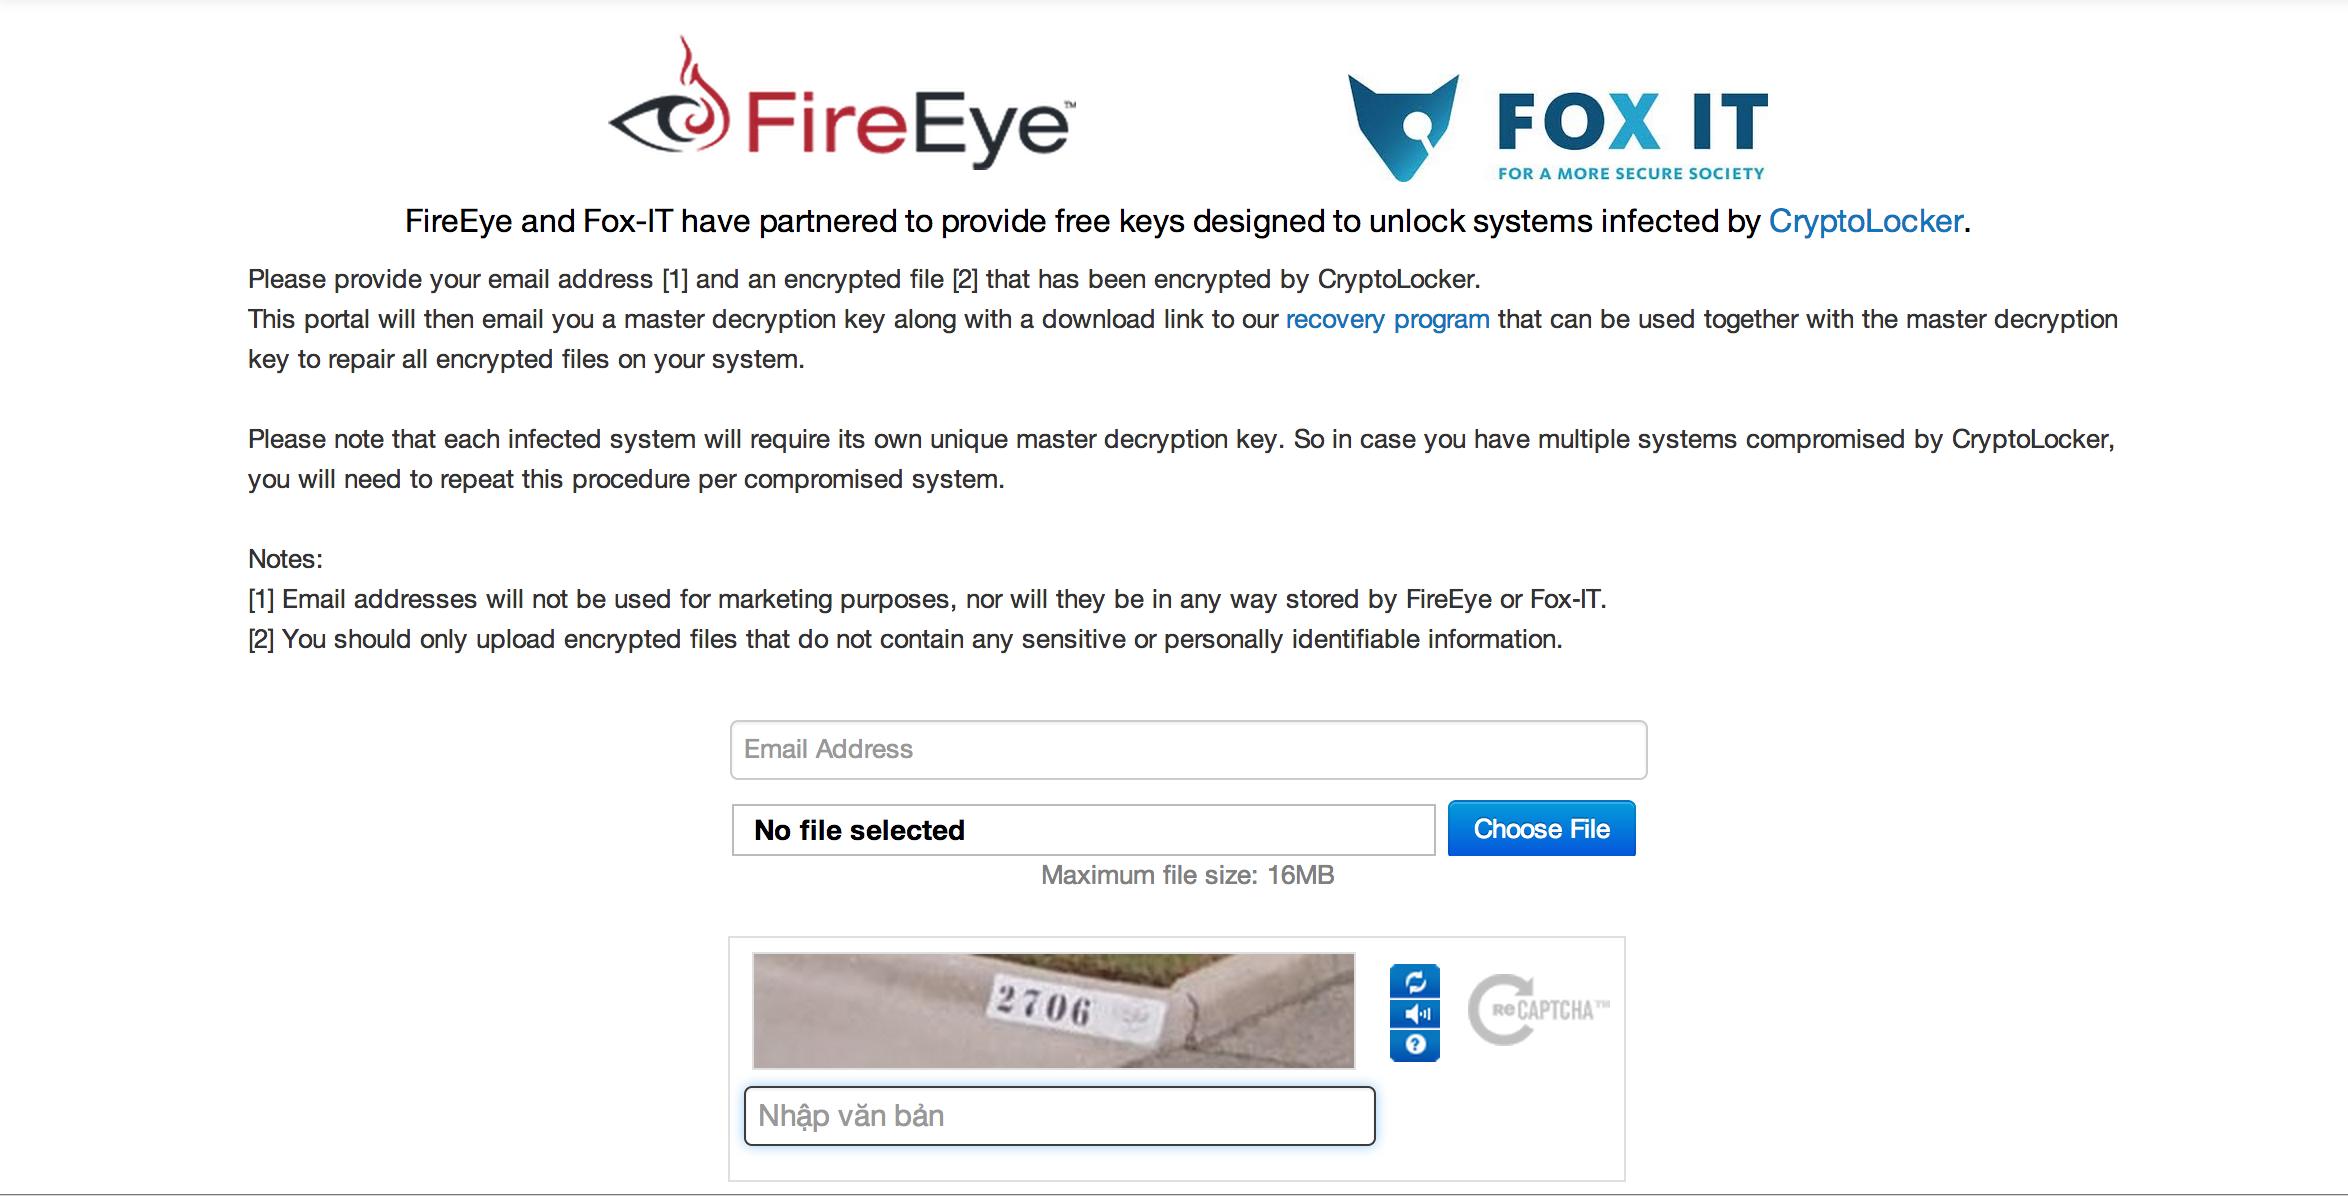 Ra mắt công cụ giải mã mã độc đòi tiền chuộc CryptoLocker miễn phí